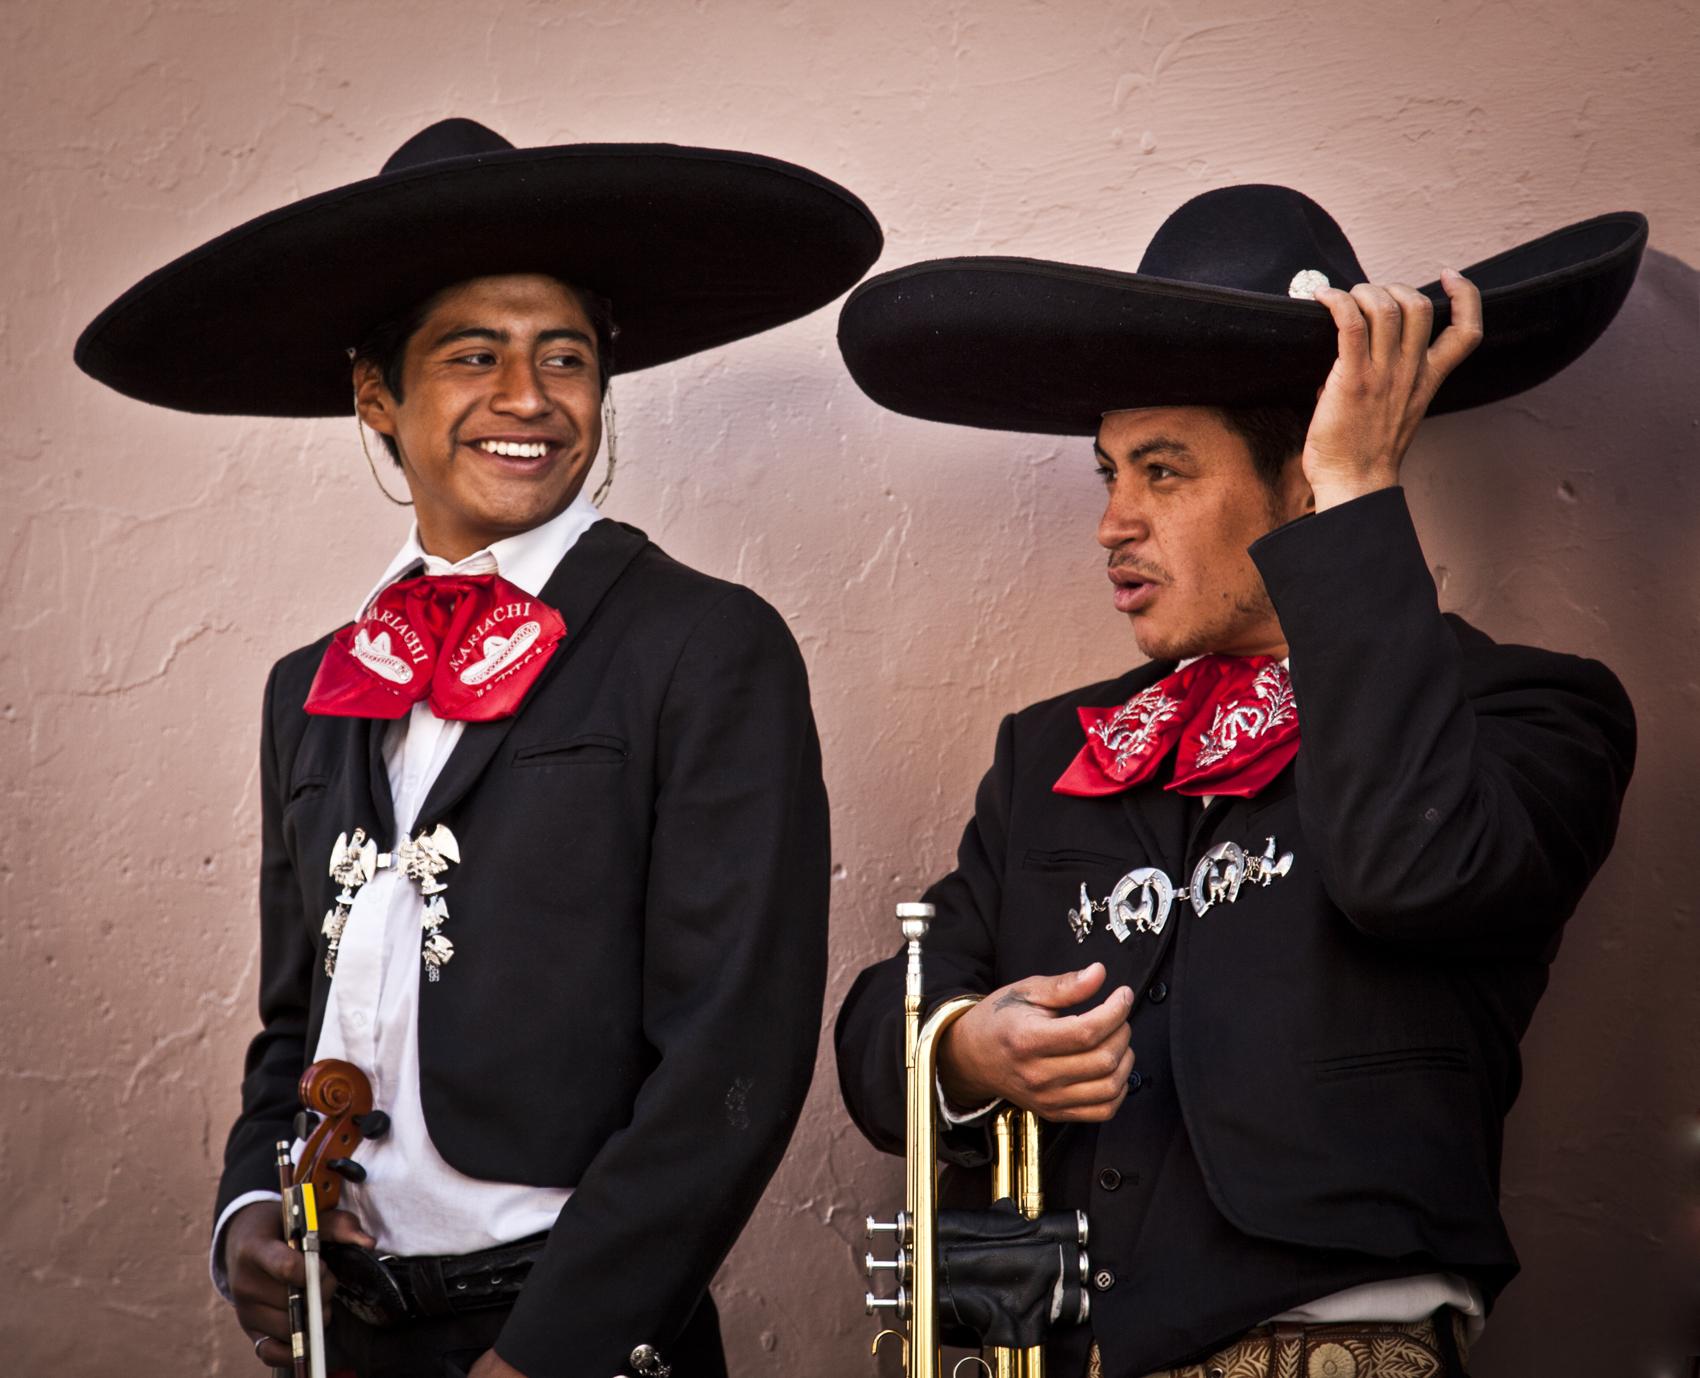 Mariacha singers